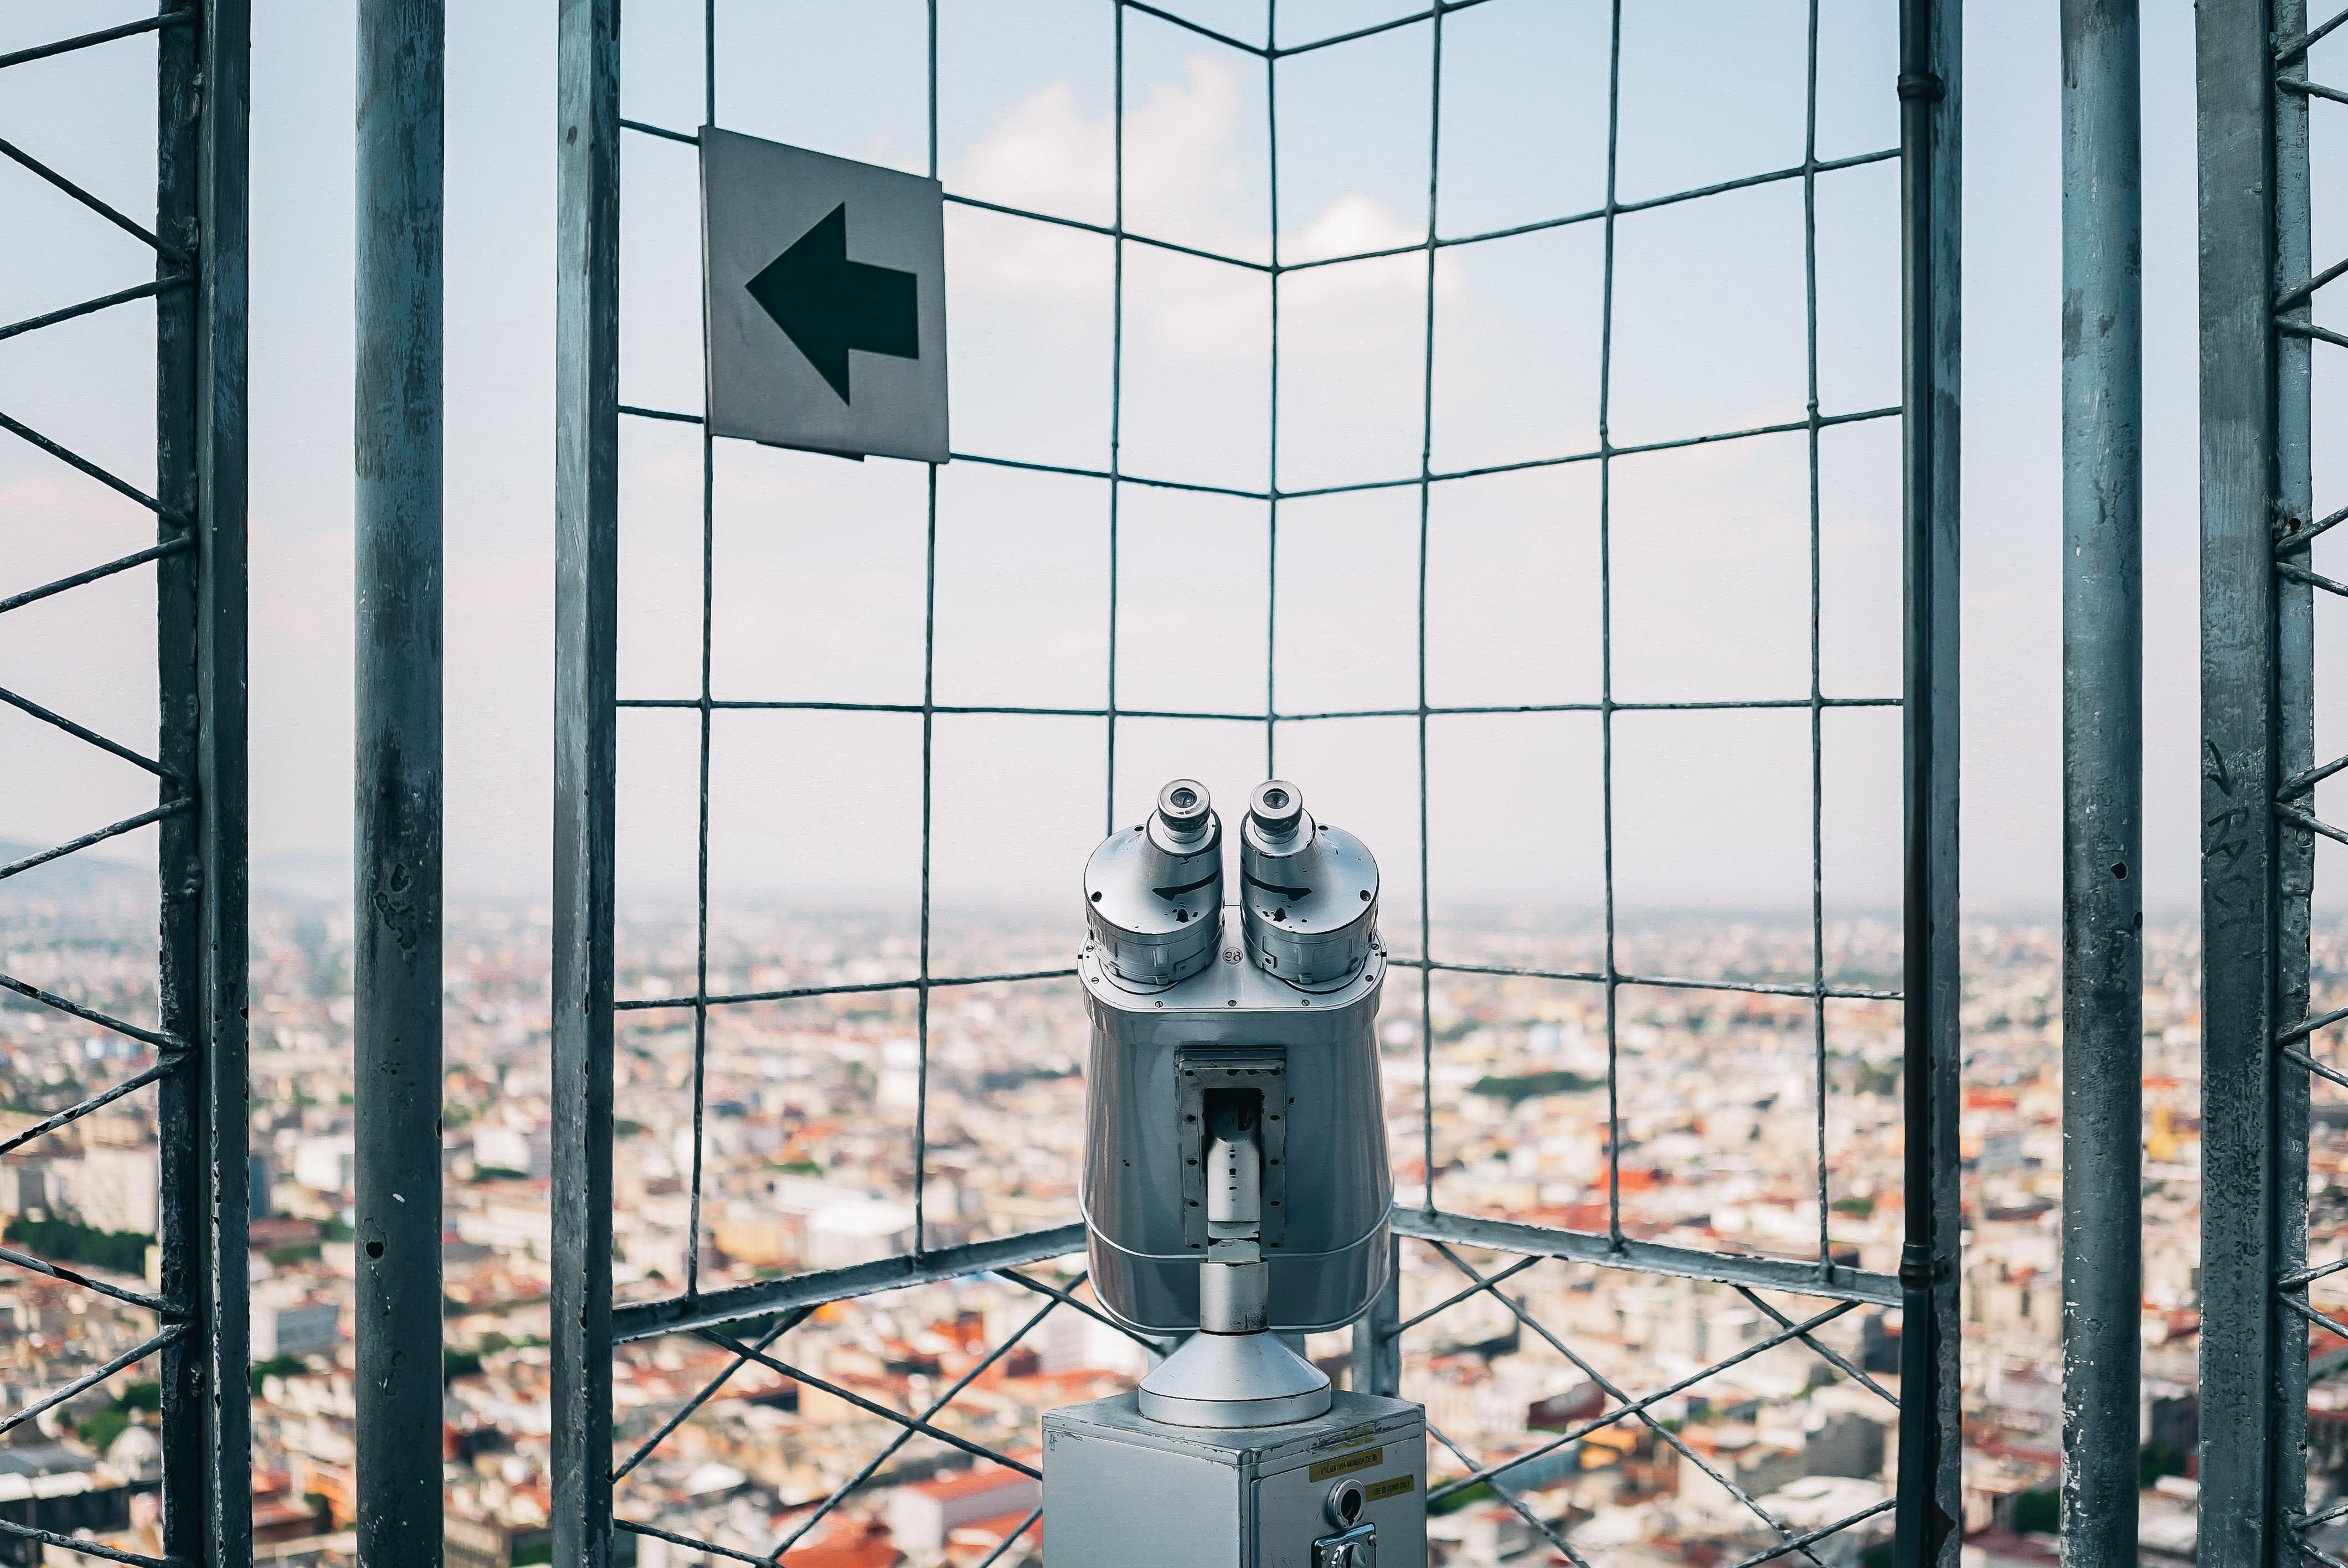 A tower viewer